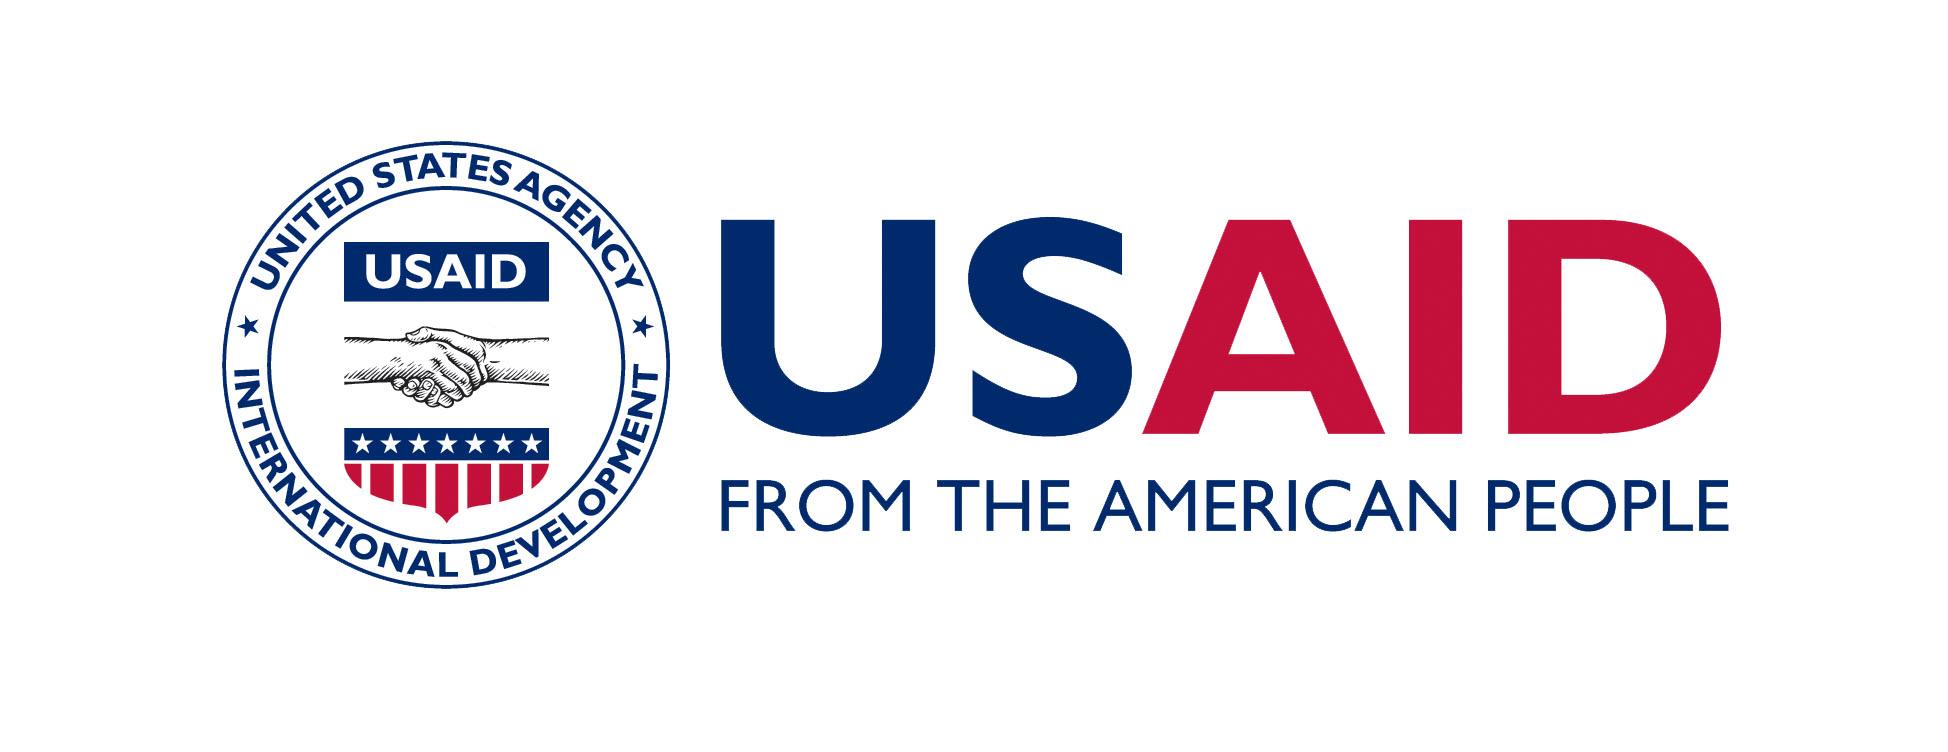 აშშ-ის საერთაშორისო განვითარების სააგენტო